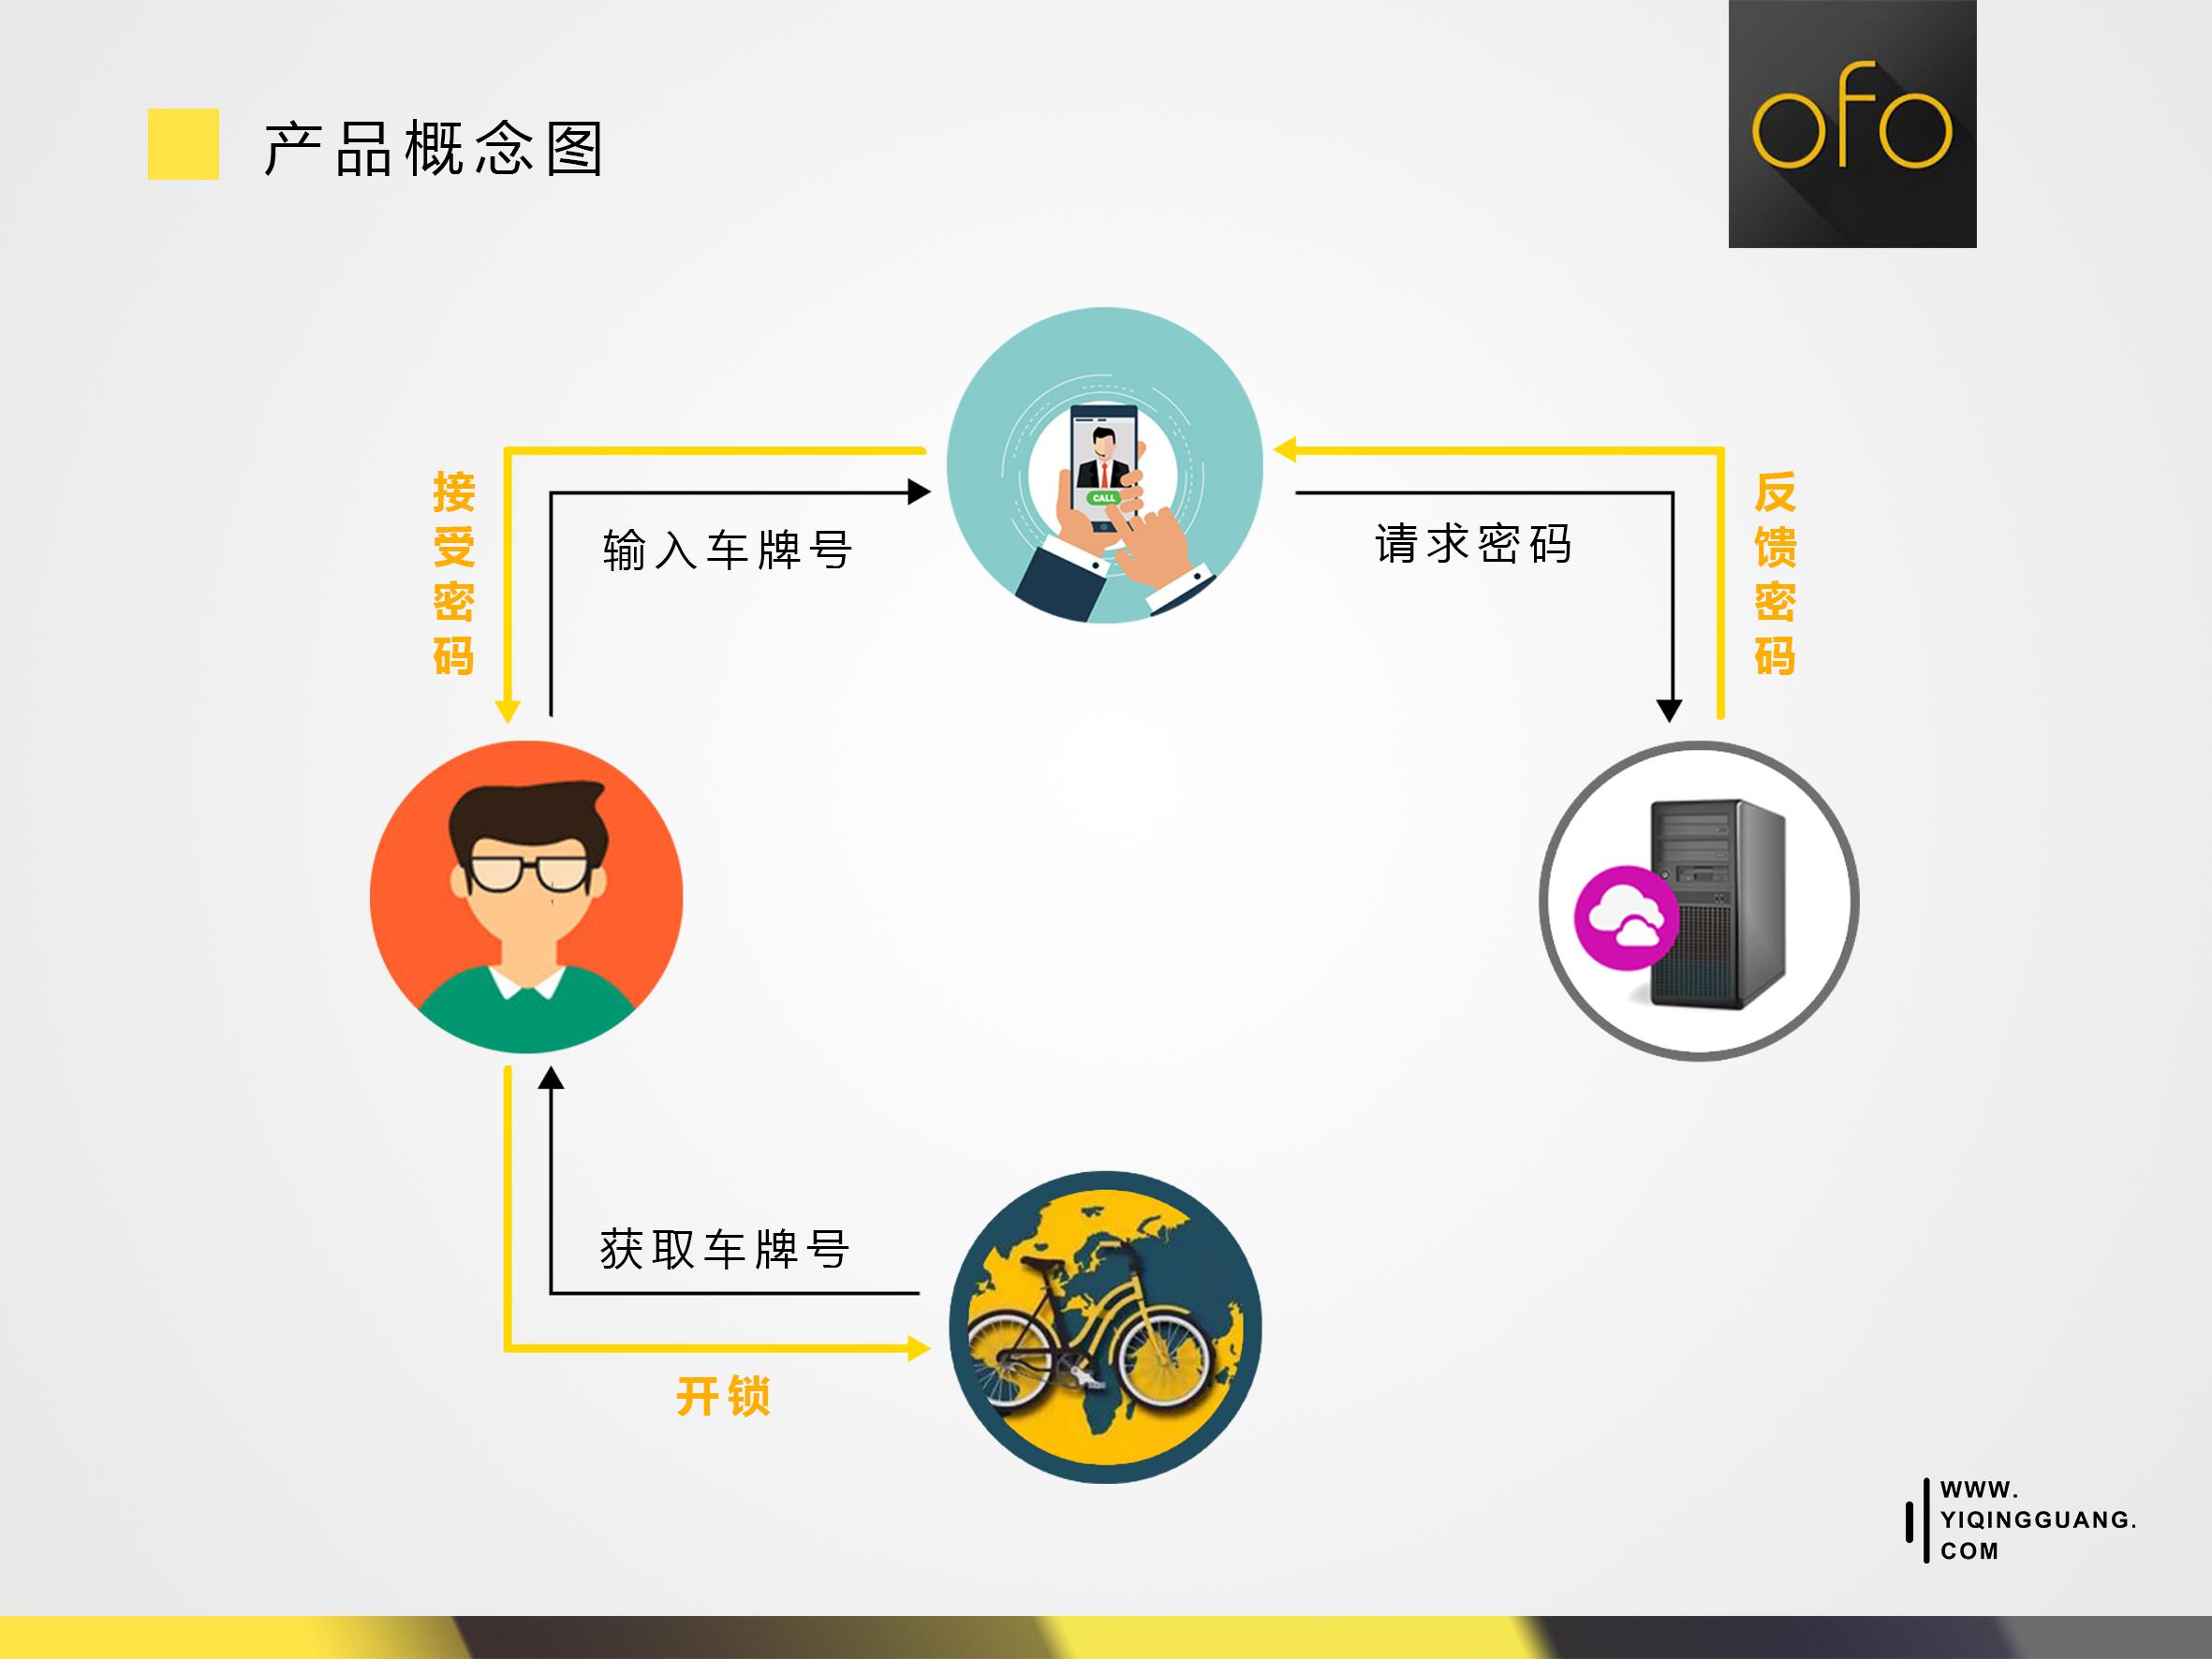 通过对用户使用流程的分析,可得出一个简版的产品概念图,用户与ofo单